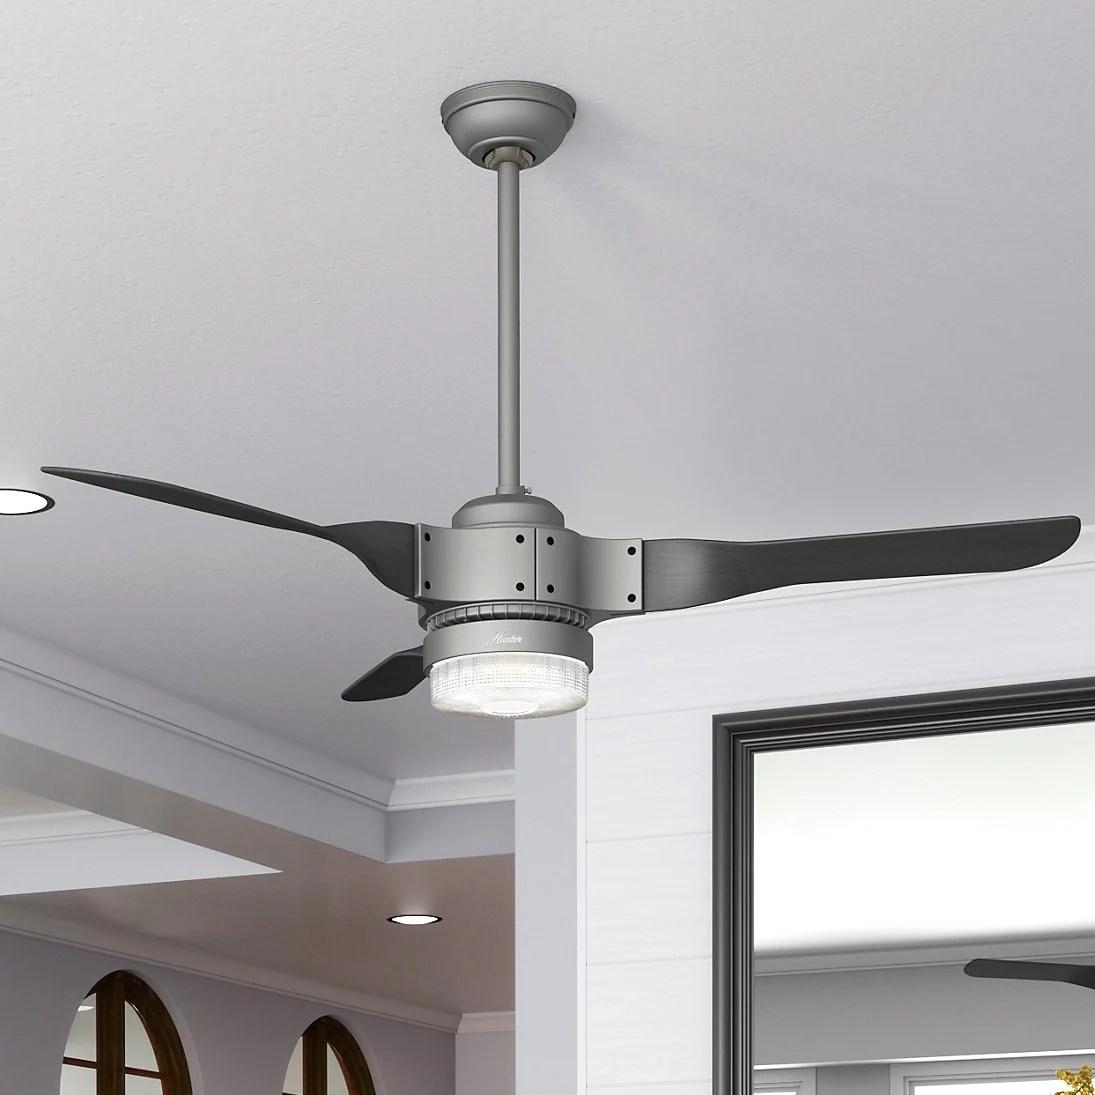 Shop Hunter Fan 54 Apache Matte Silver W 3 Black Ash Blades As Is Item Overstock 31053805